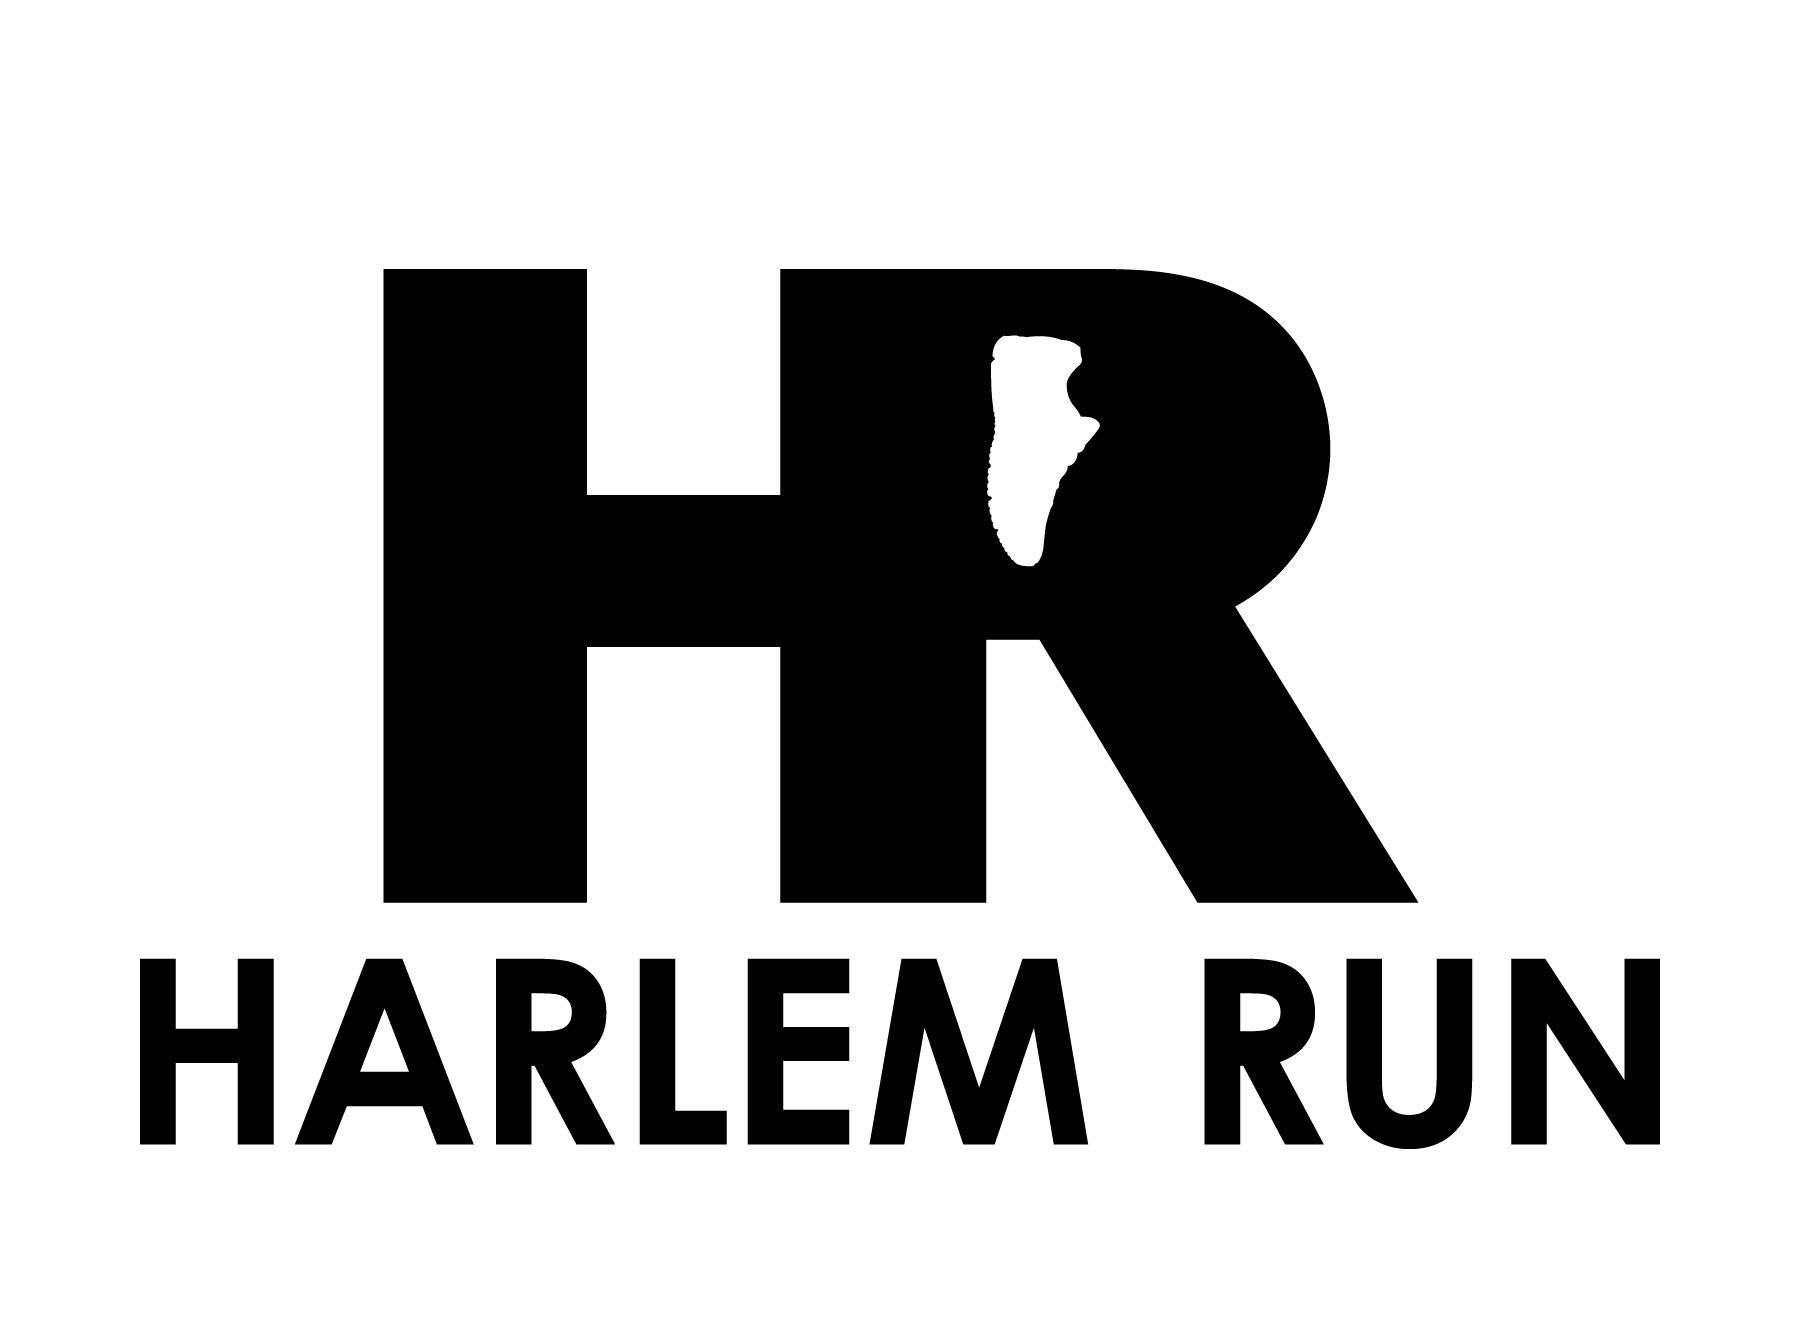 Harlem Run Logo